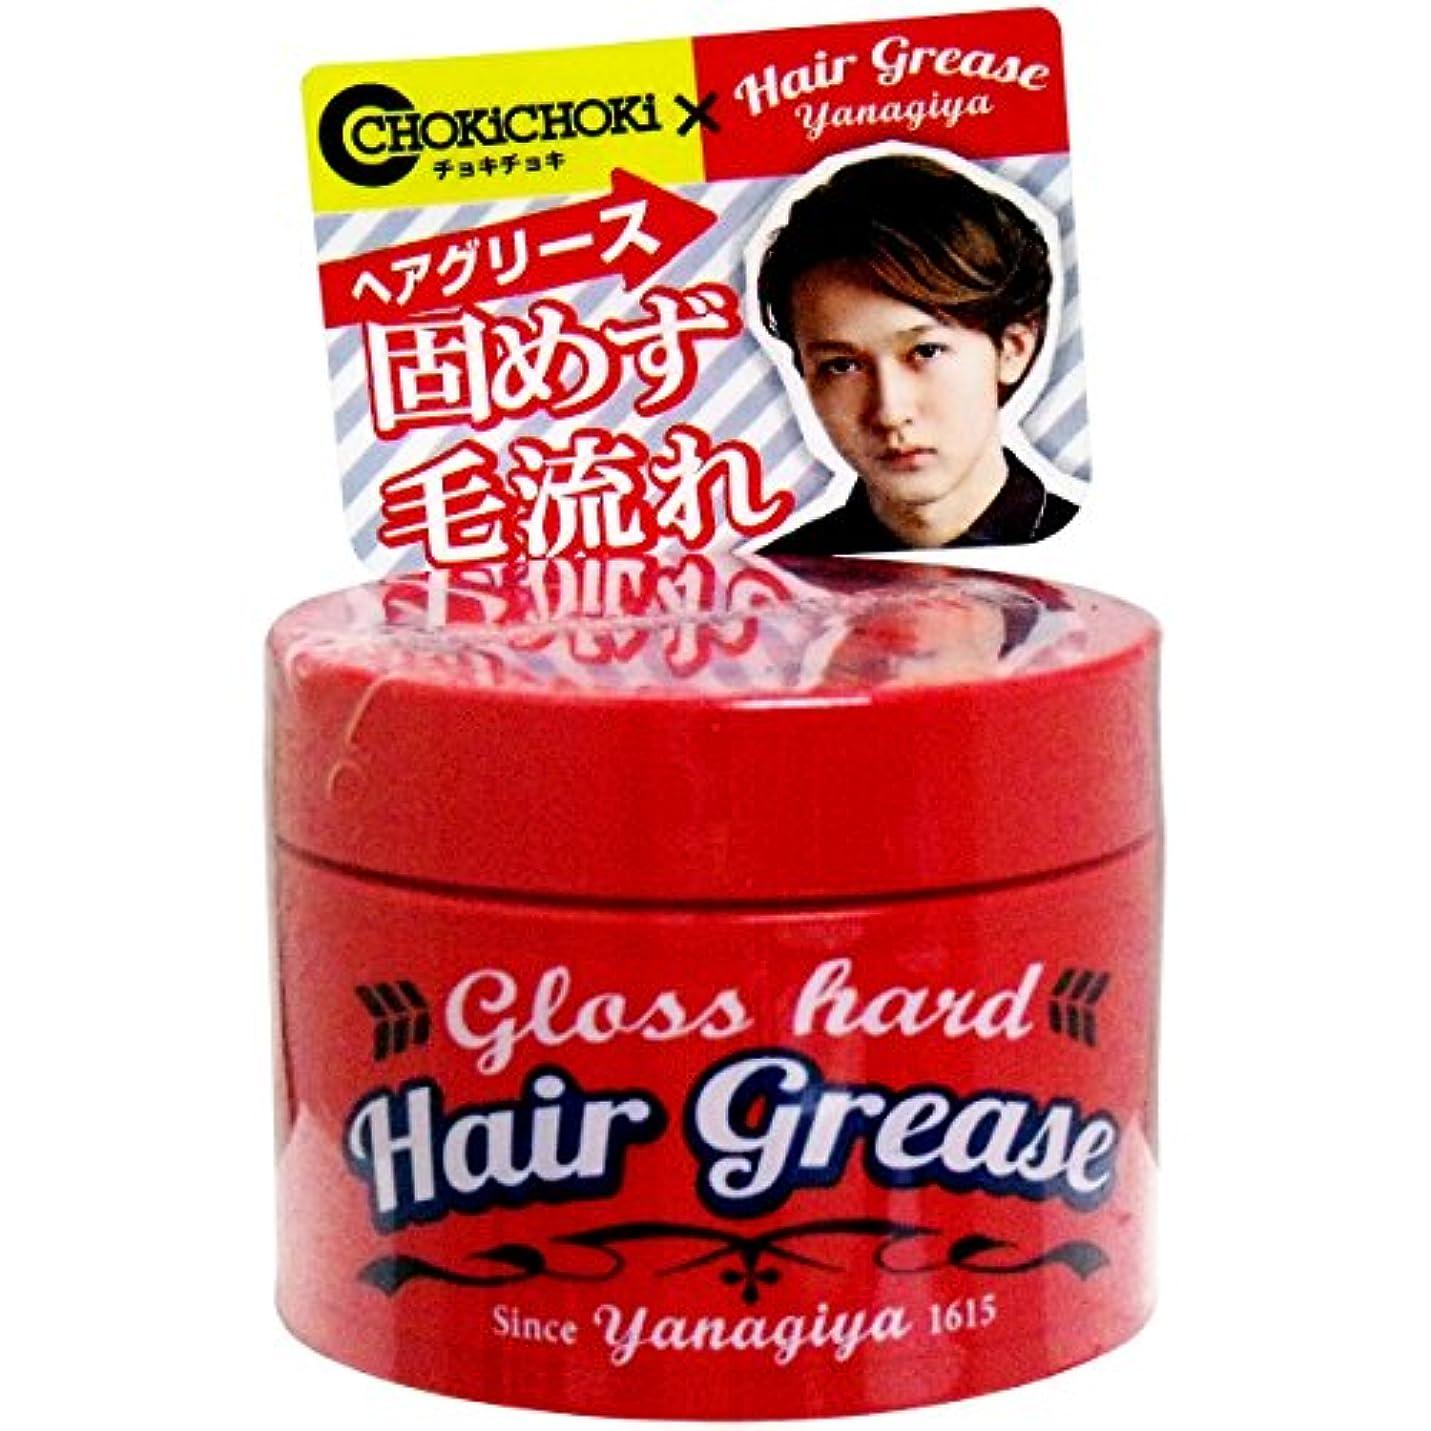 誰かセミナーコマンドヘアワックス 固めず毛流れ 使いやすい YANAGIYA ヘアグリース グロスハード 90g入【3個セット】